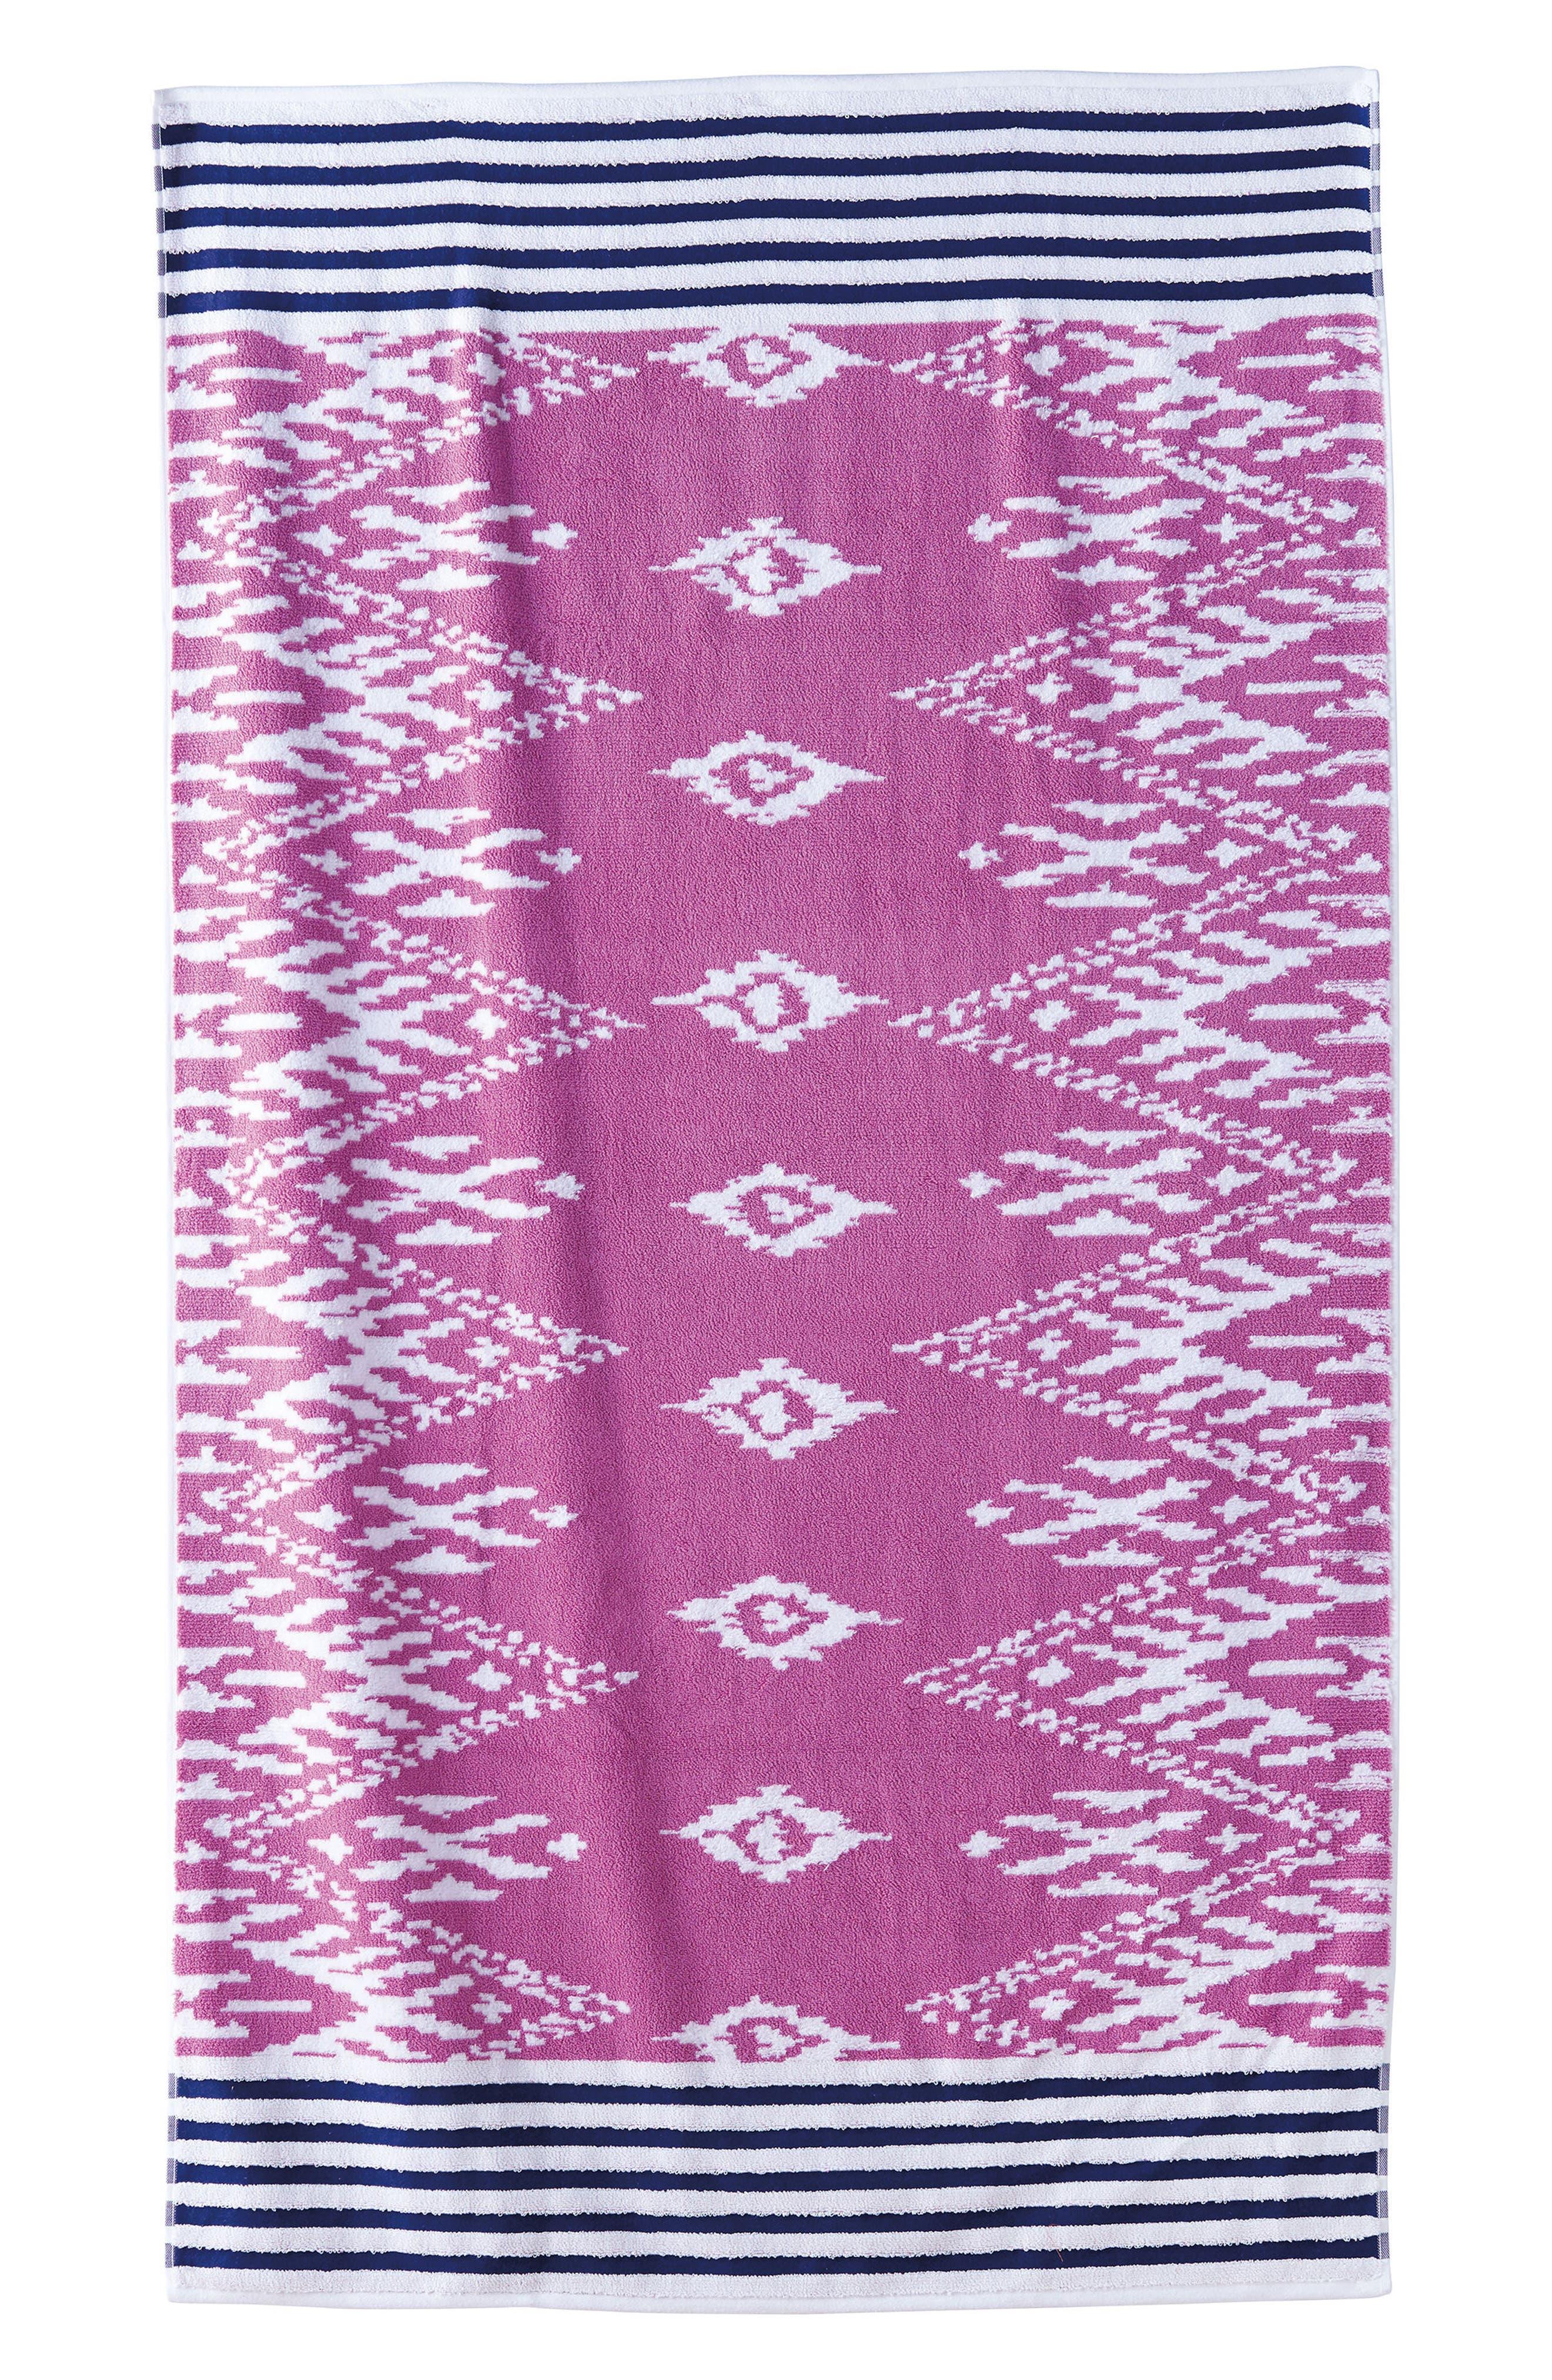 Alternate Image 1 Selected - John Robshaw Dita Resort Towel